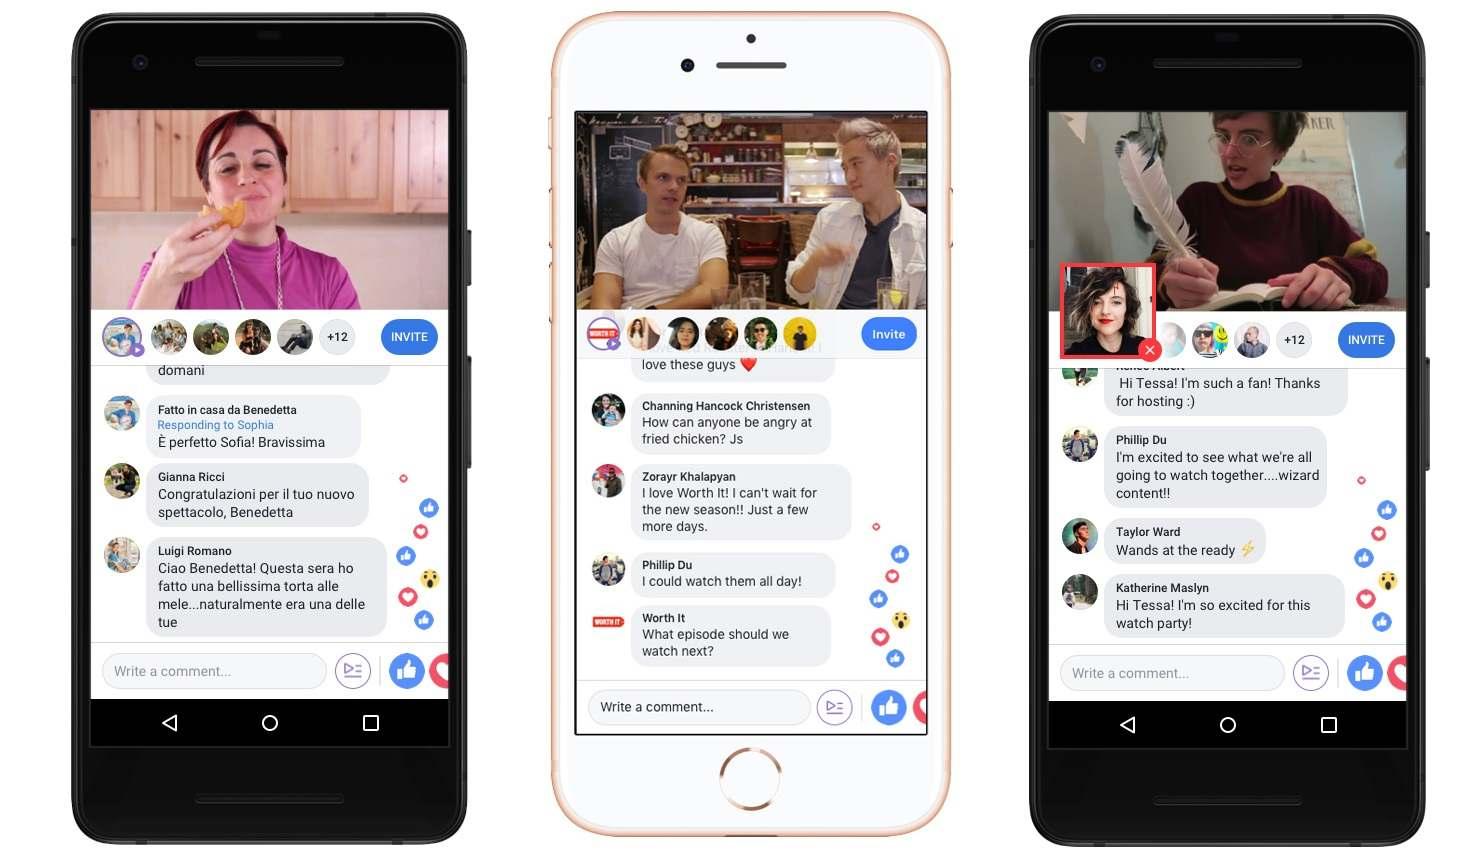 Facebook додав функцію спільного перегляду відео